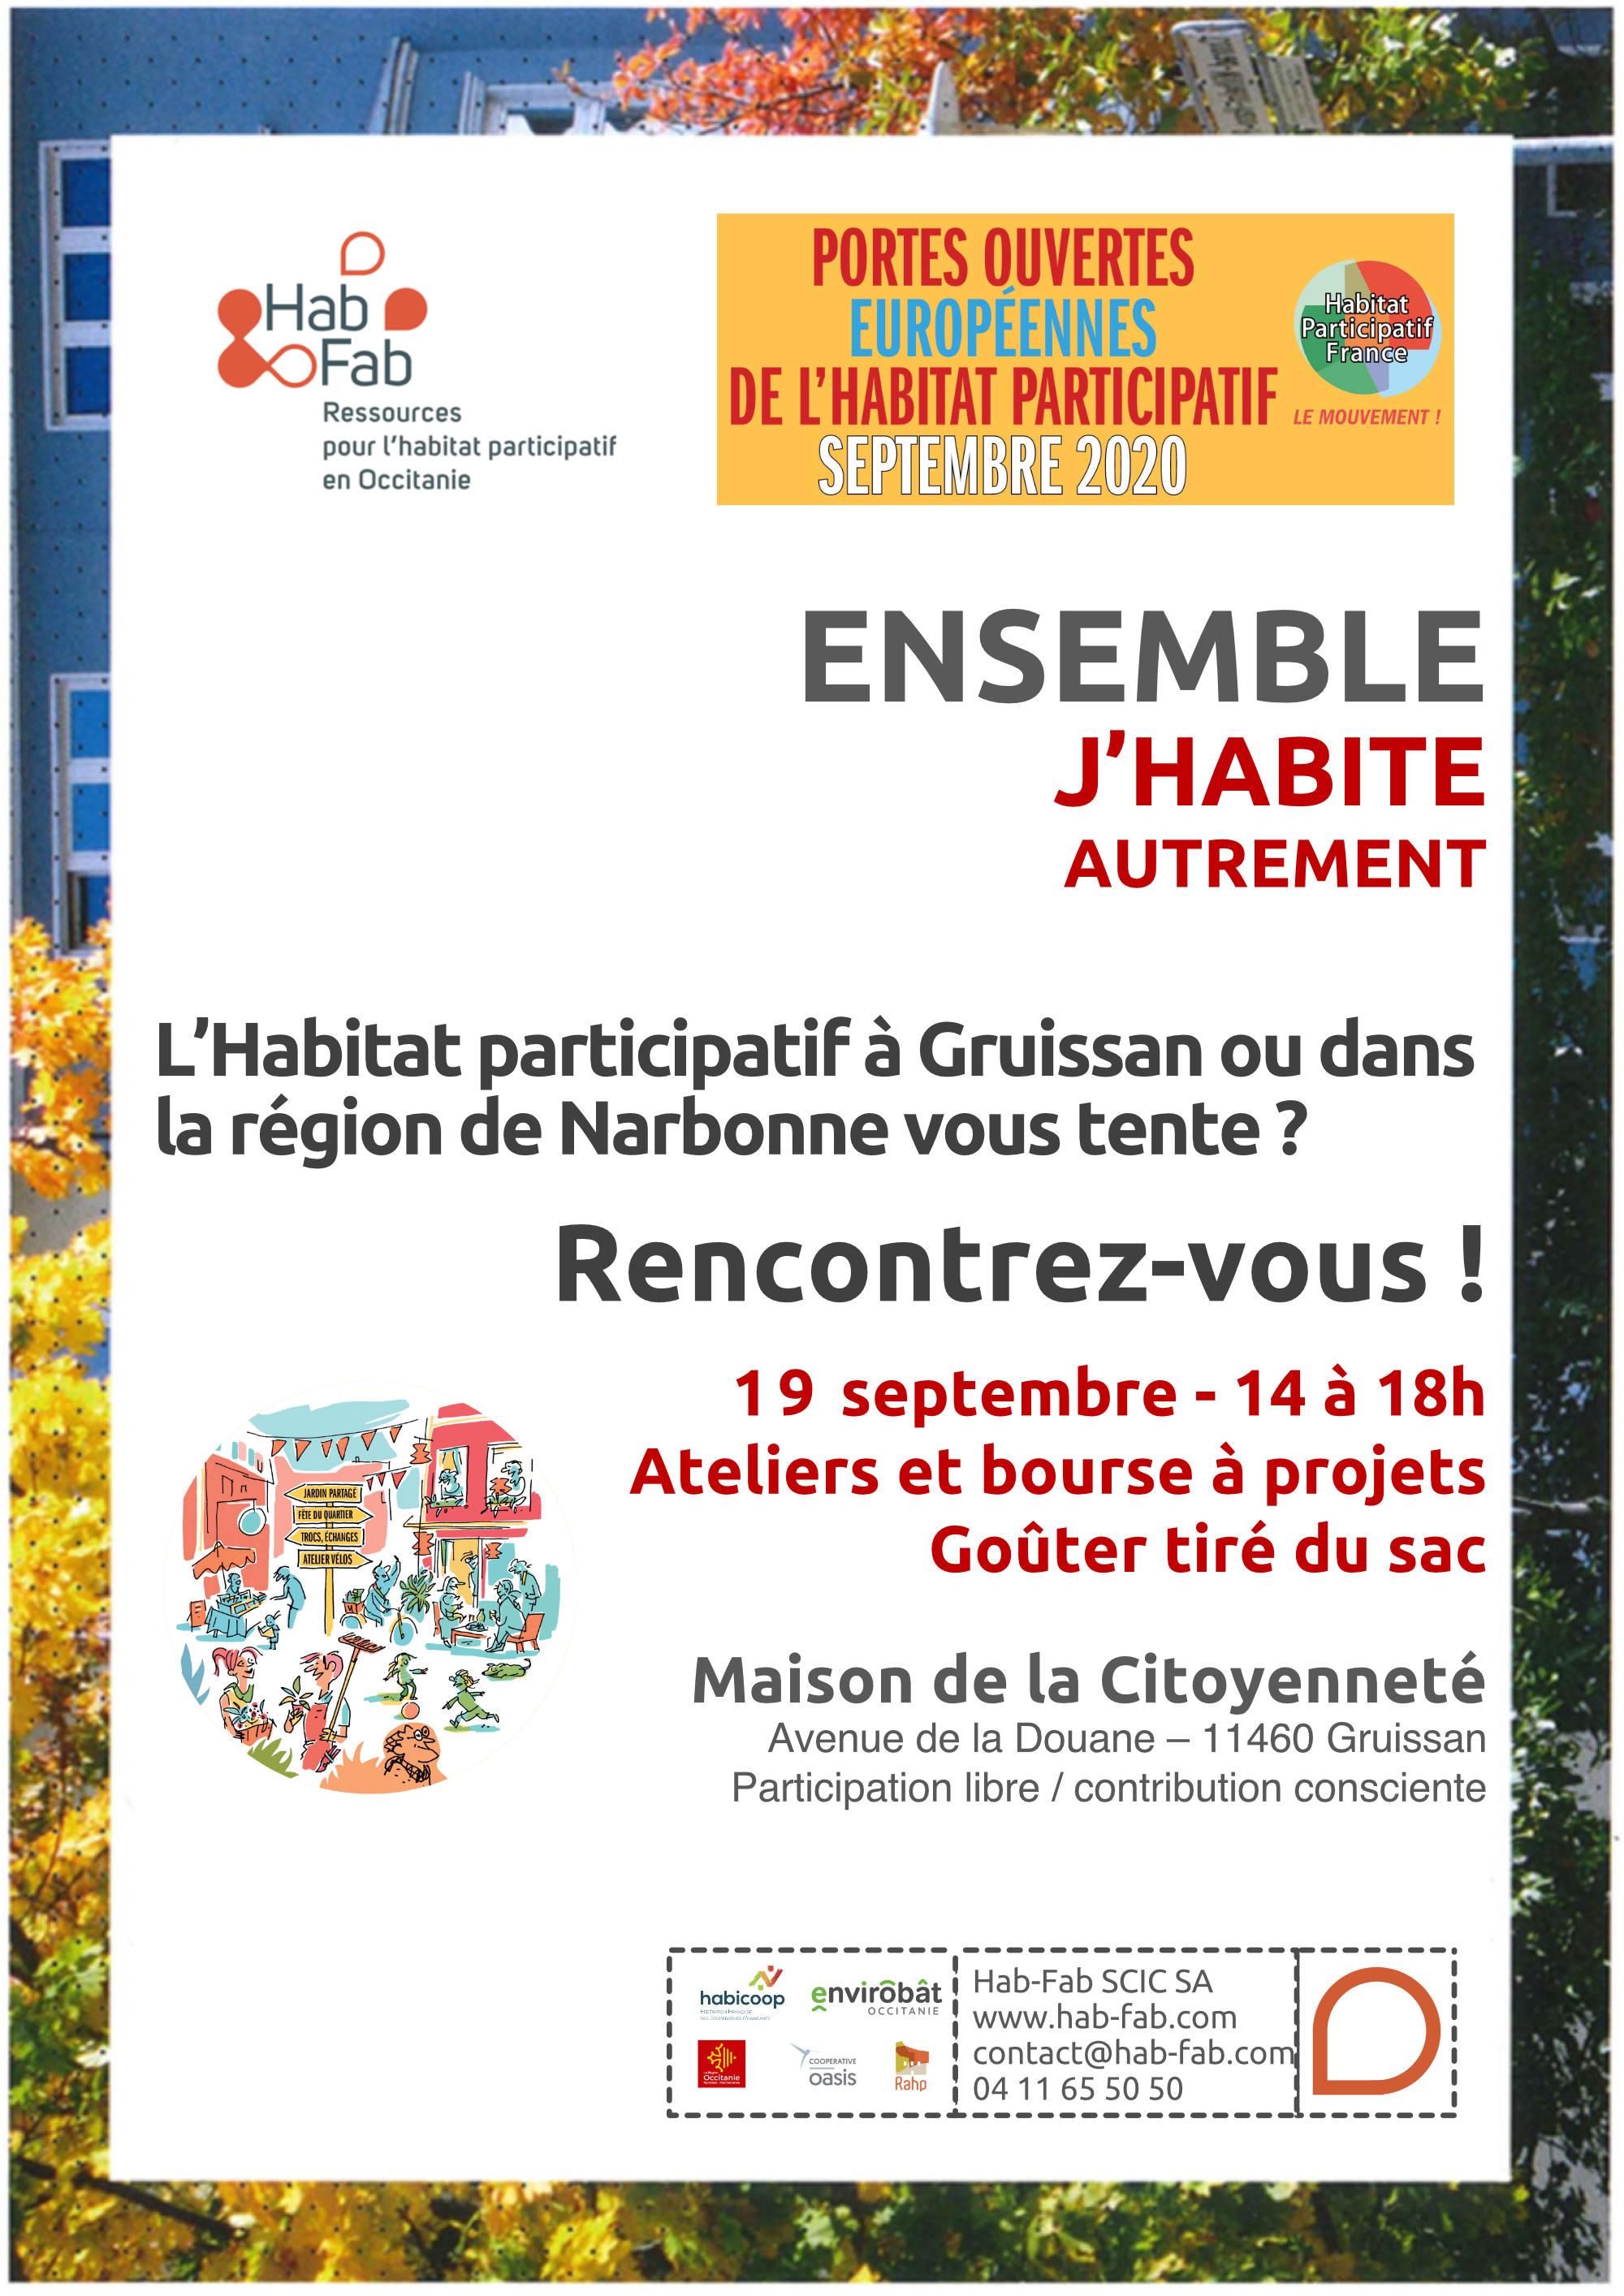 Atelier de lancement de projets à Gruissan et la région de Narbonne